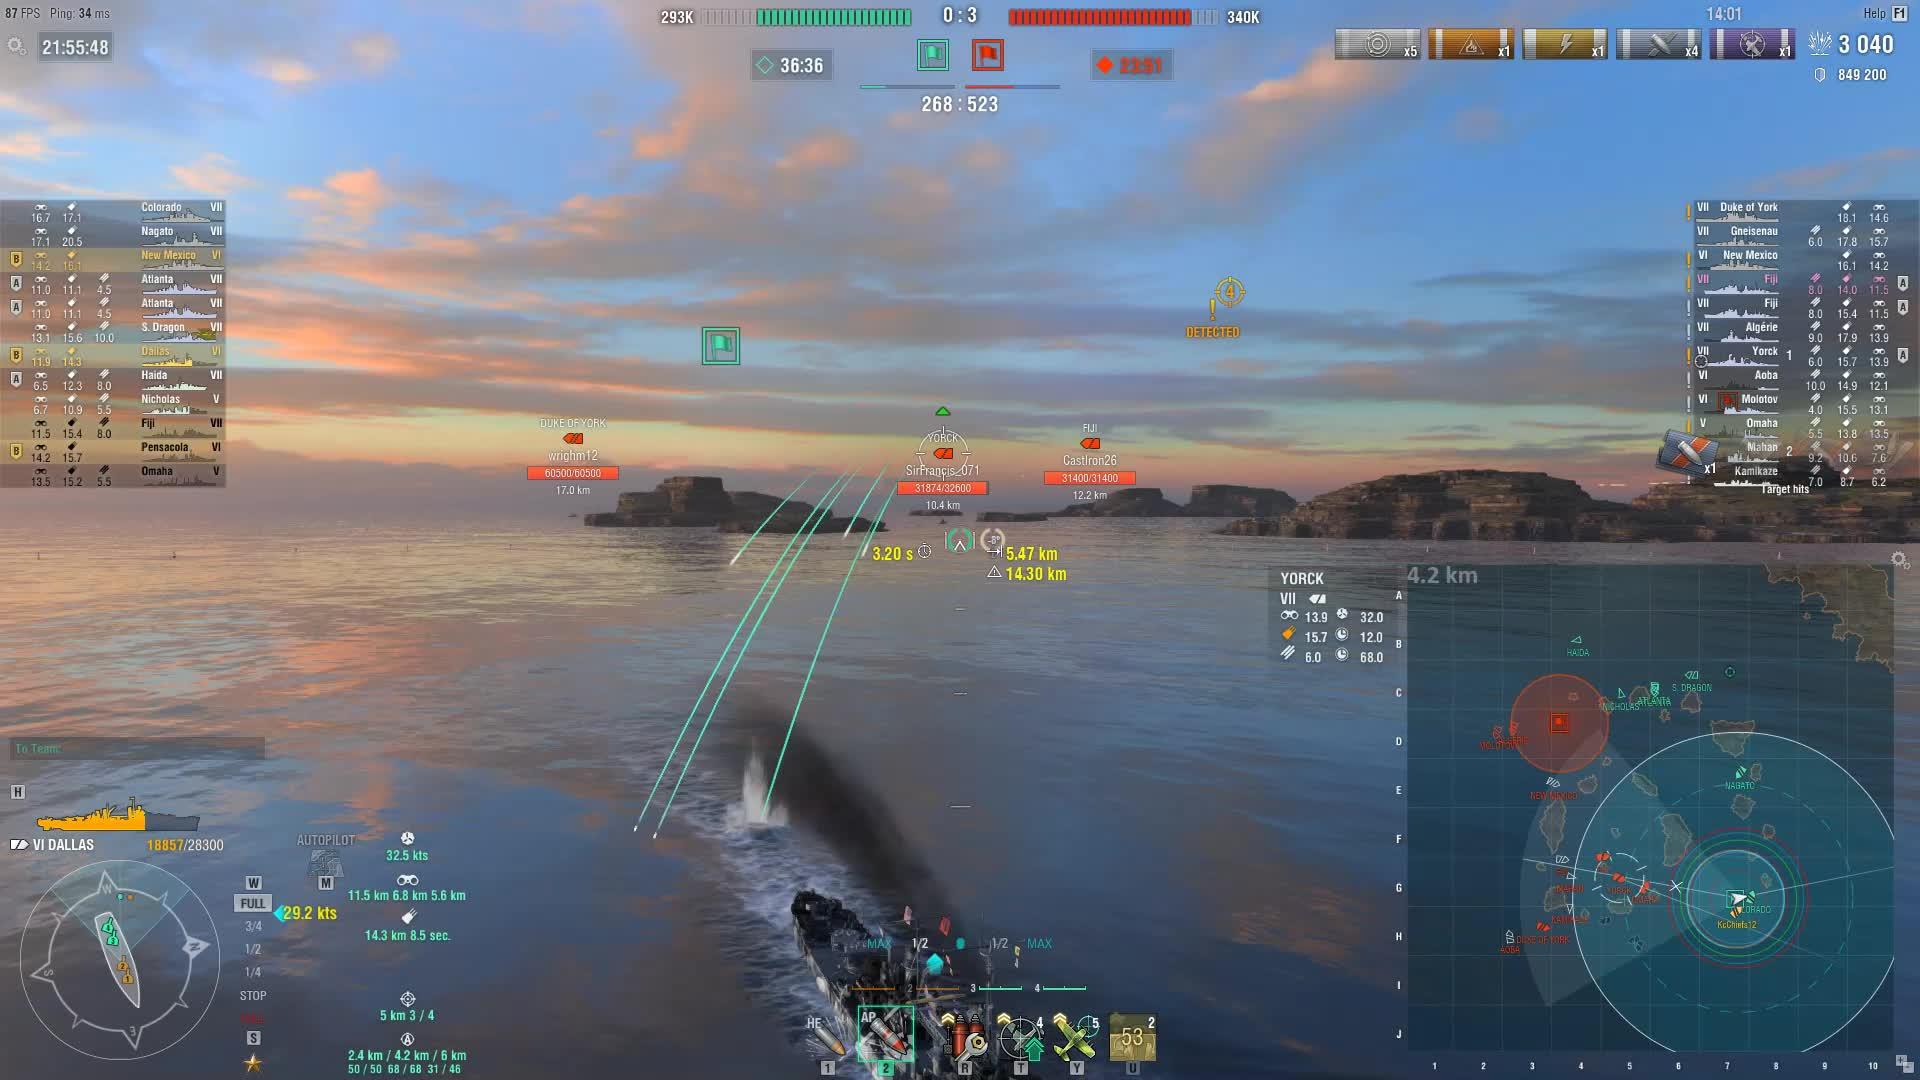 worldofwarships, World of Warships 2018.09.25 - 21.56.02.03.DVR Trim GIFs